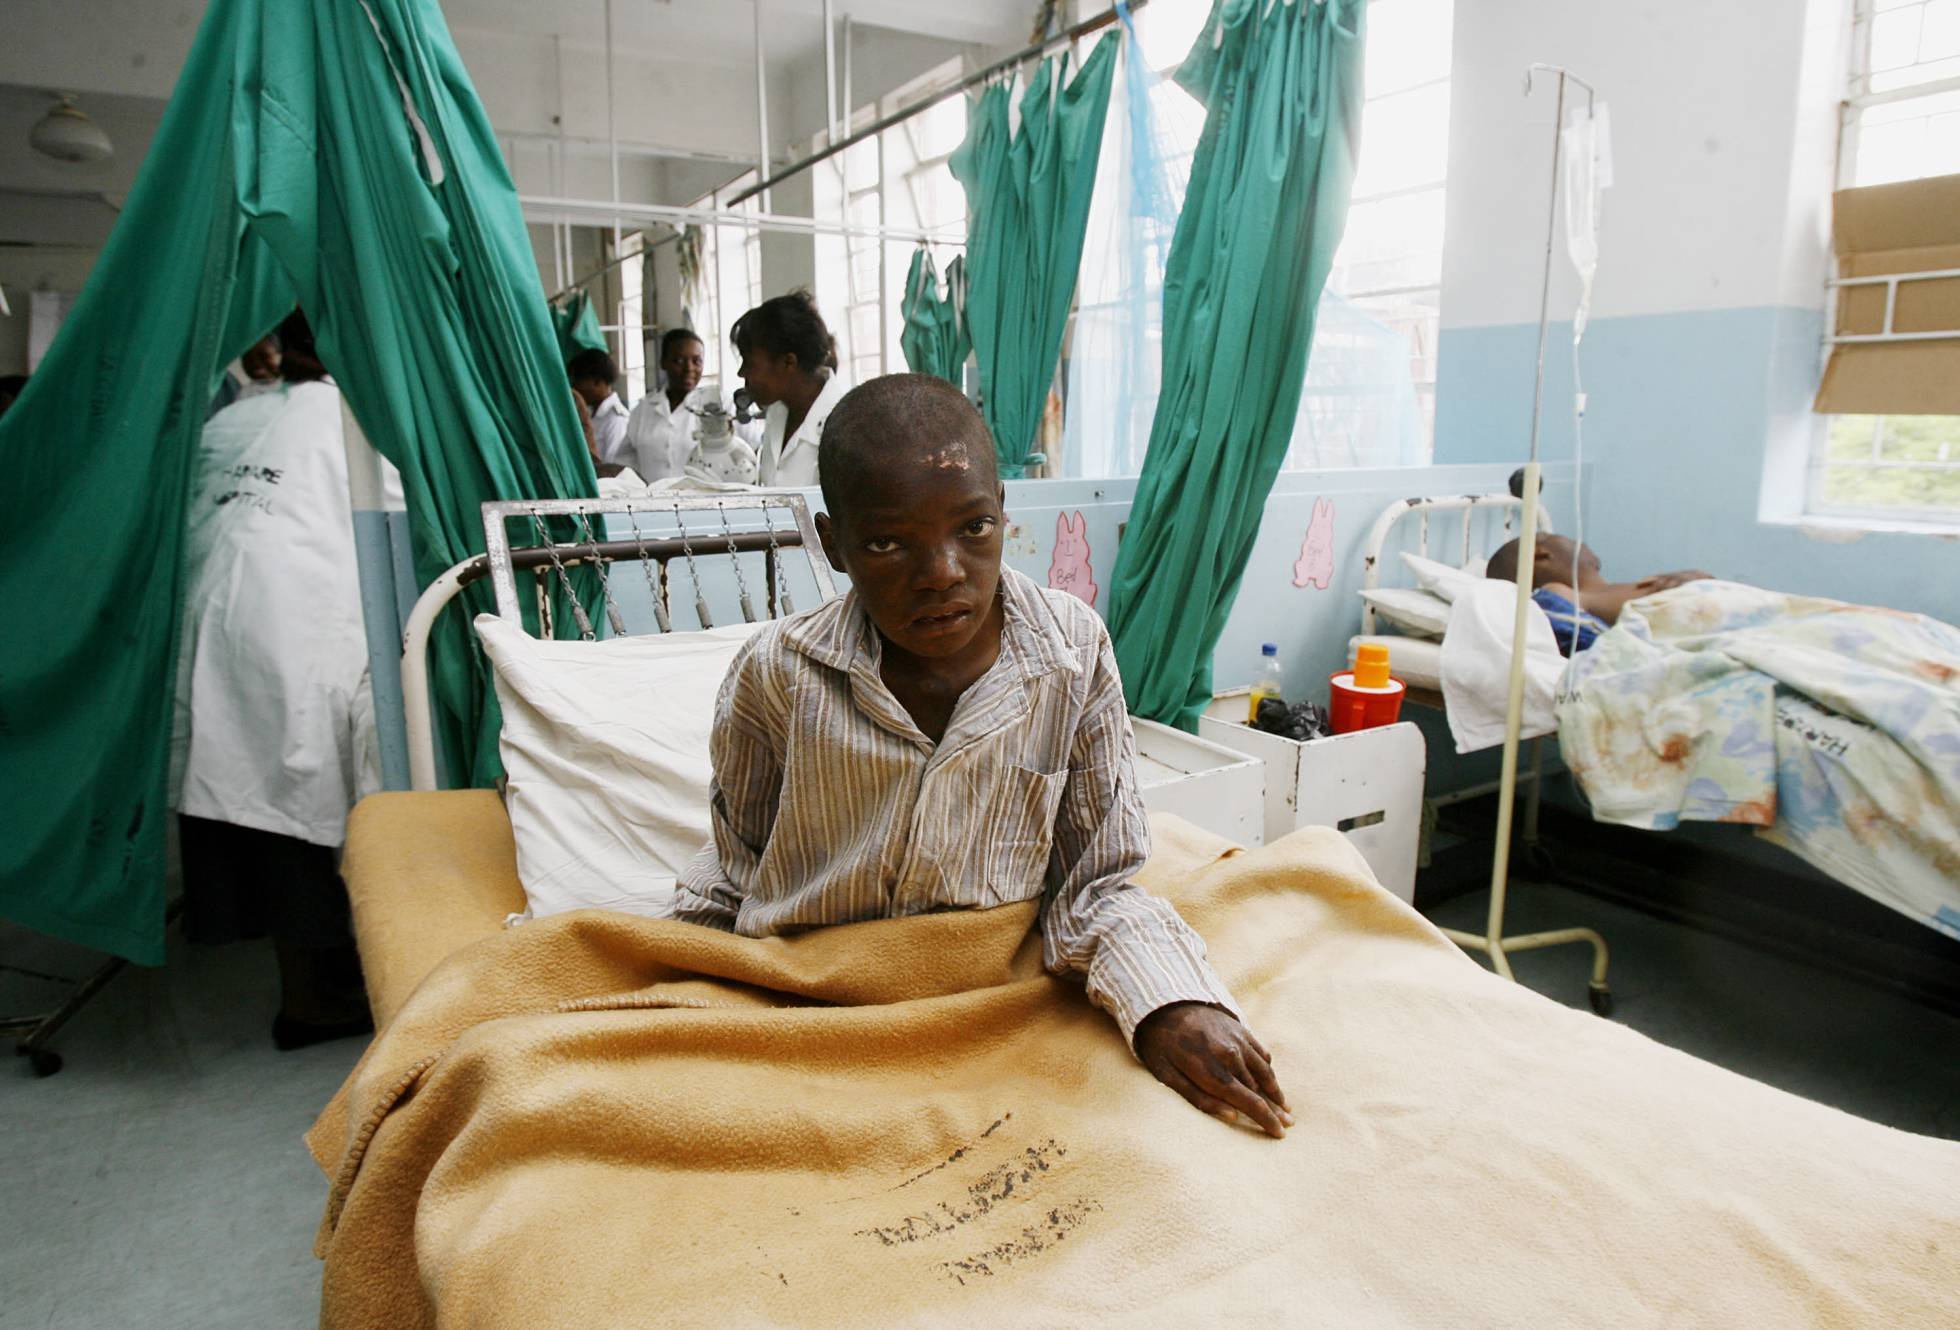 En África, Zimbabue se encuentra en estado de emergencia por un brote de cólera